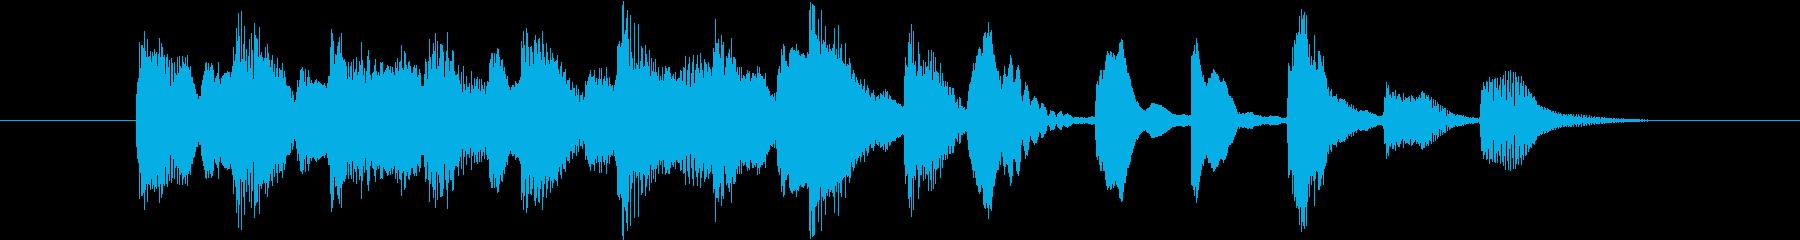 明るくほのぼのとしたピアノのジングルの再生済みの波形